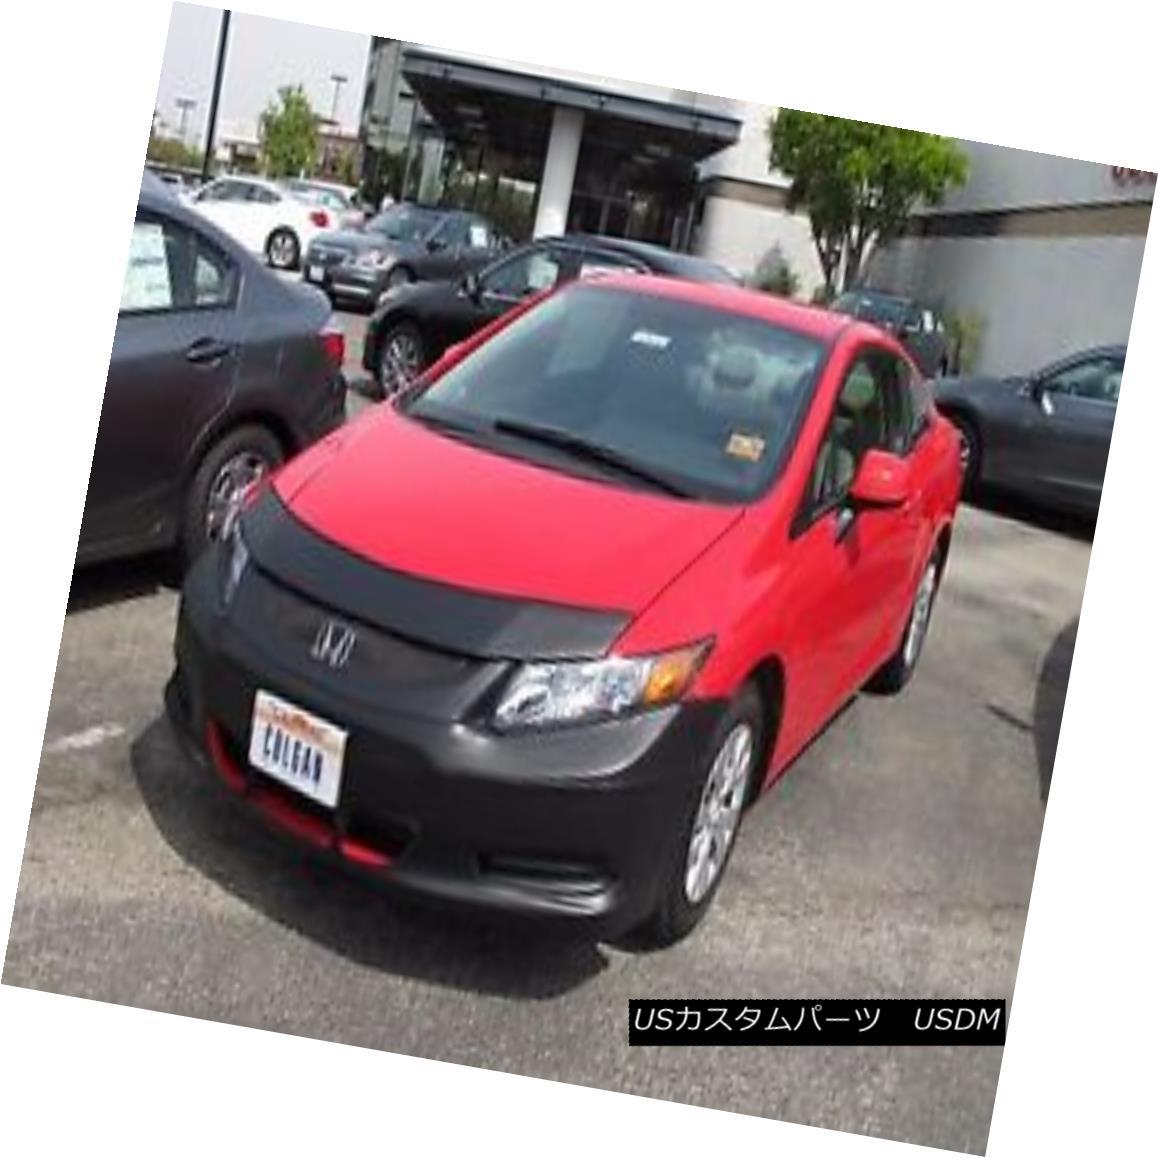 フルブラ ノーズブラ Colgan Front End Mask Bra 2pc. Fits Honda Civic Cpe DX,LX,EX 12-2013 w/License  コルガンフロントエンドマスクブラ2pc Honda Civic Cpe DX、LX、EX 12-2013(ライセンスあり)